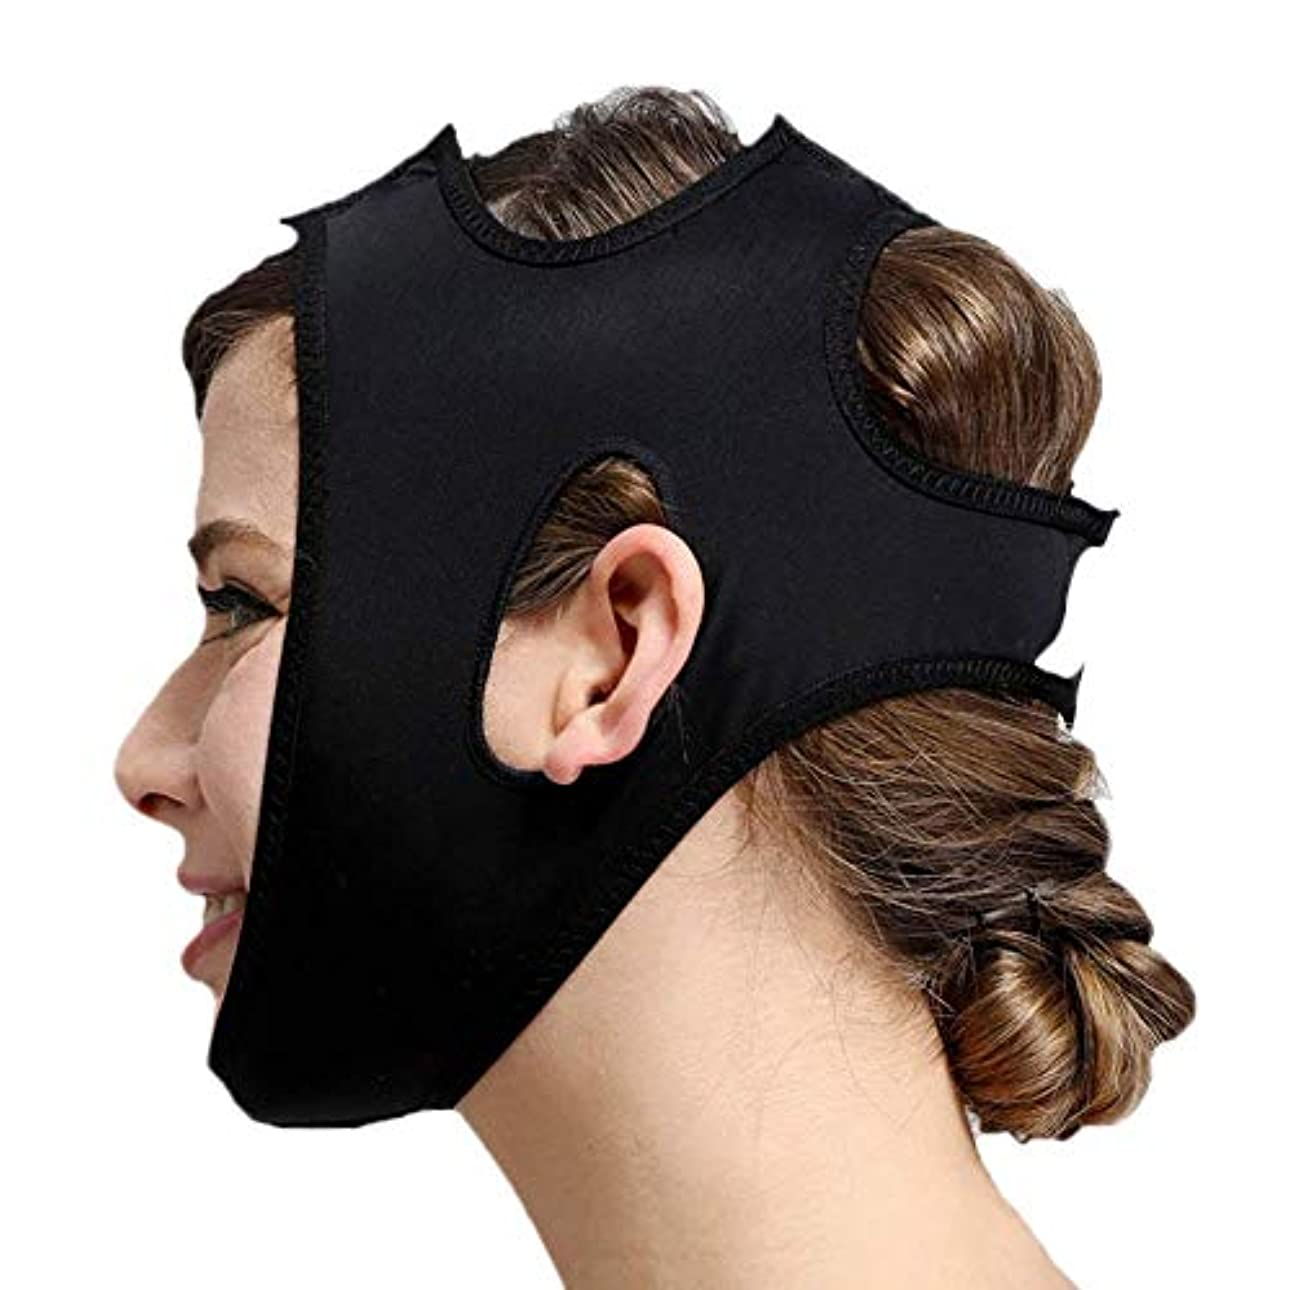 社交的たぶん同級生フェイススリミングマスク、快適さと通気性、フェイシャルリフティング、輪郭の改善された硬さ、ファーミングとリフティングフェイス(カラー:ブラック、サイズ:XL),黒、L